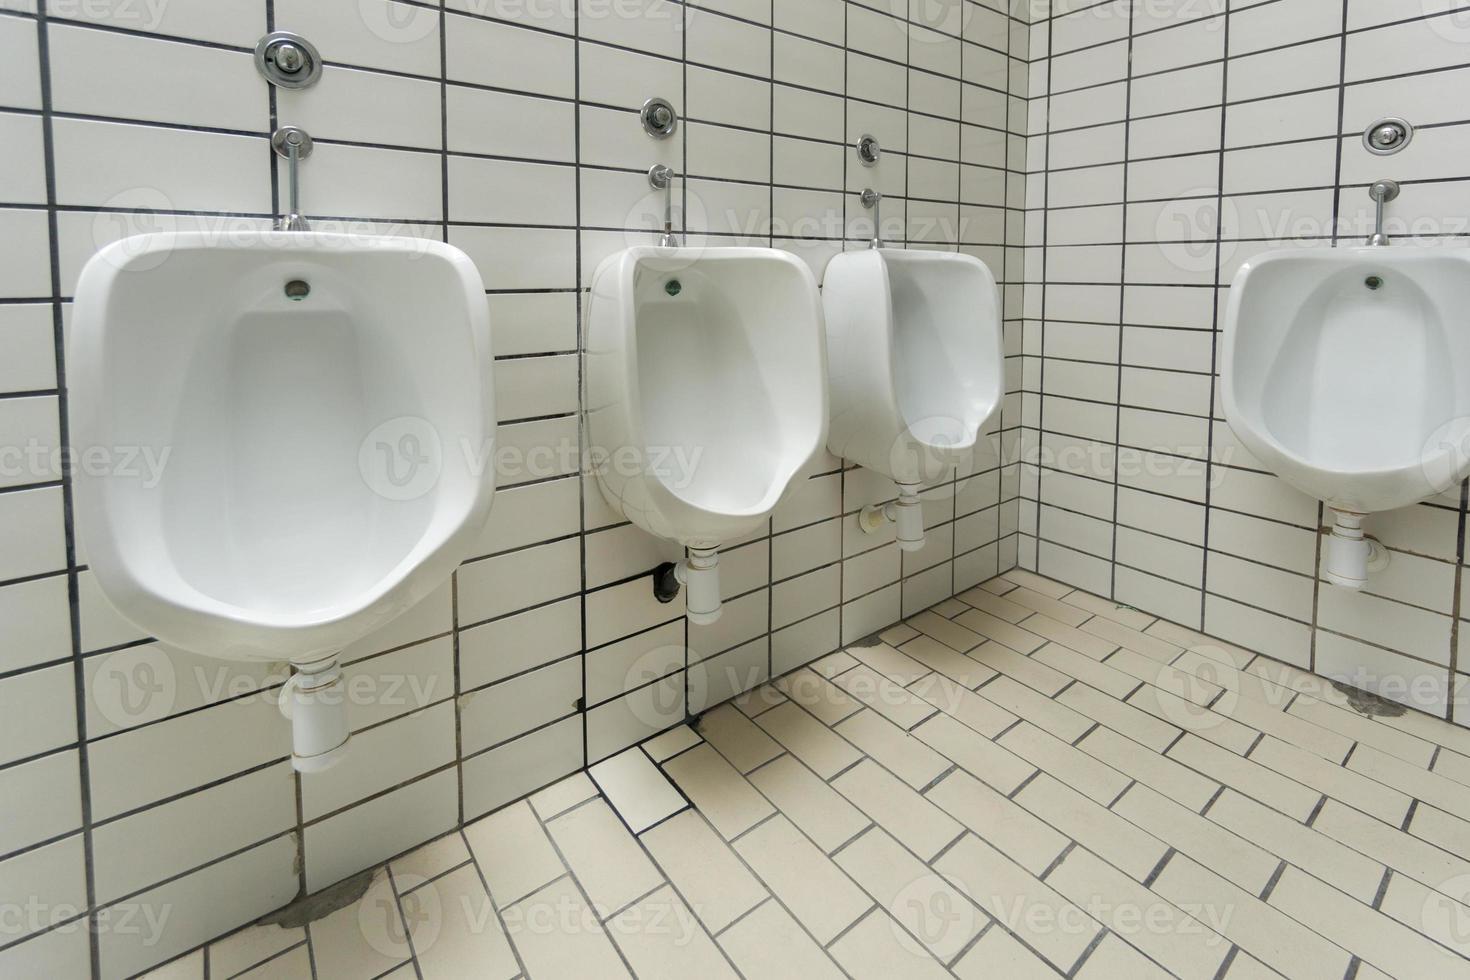 toilette pubblica per uomini foto